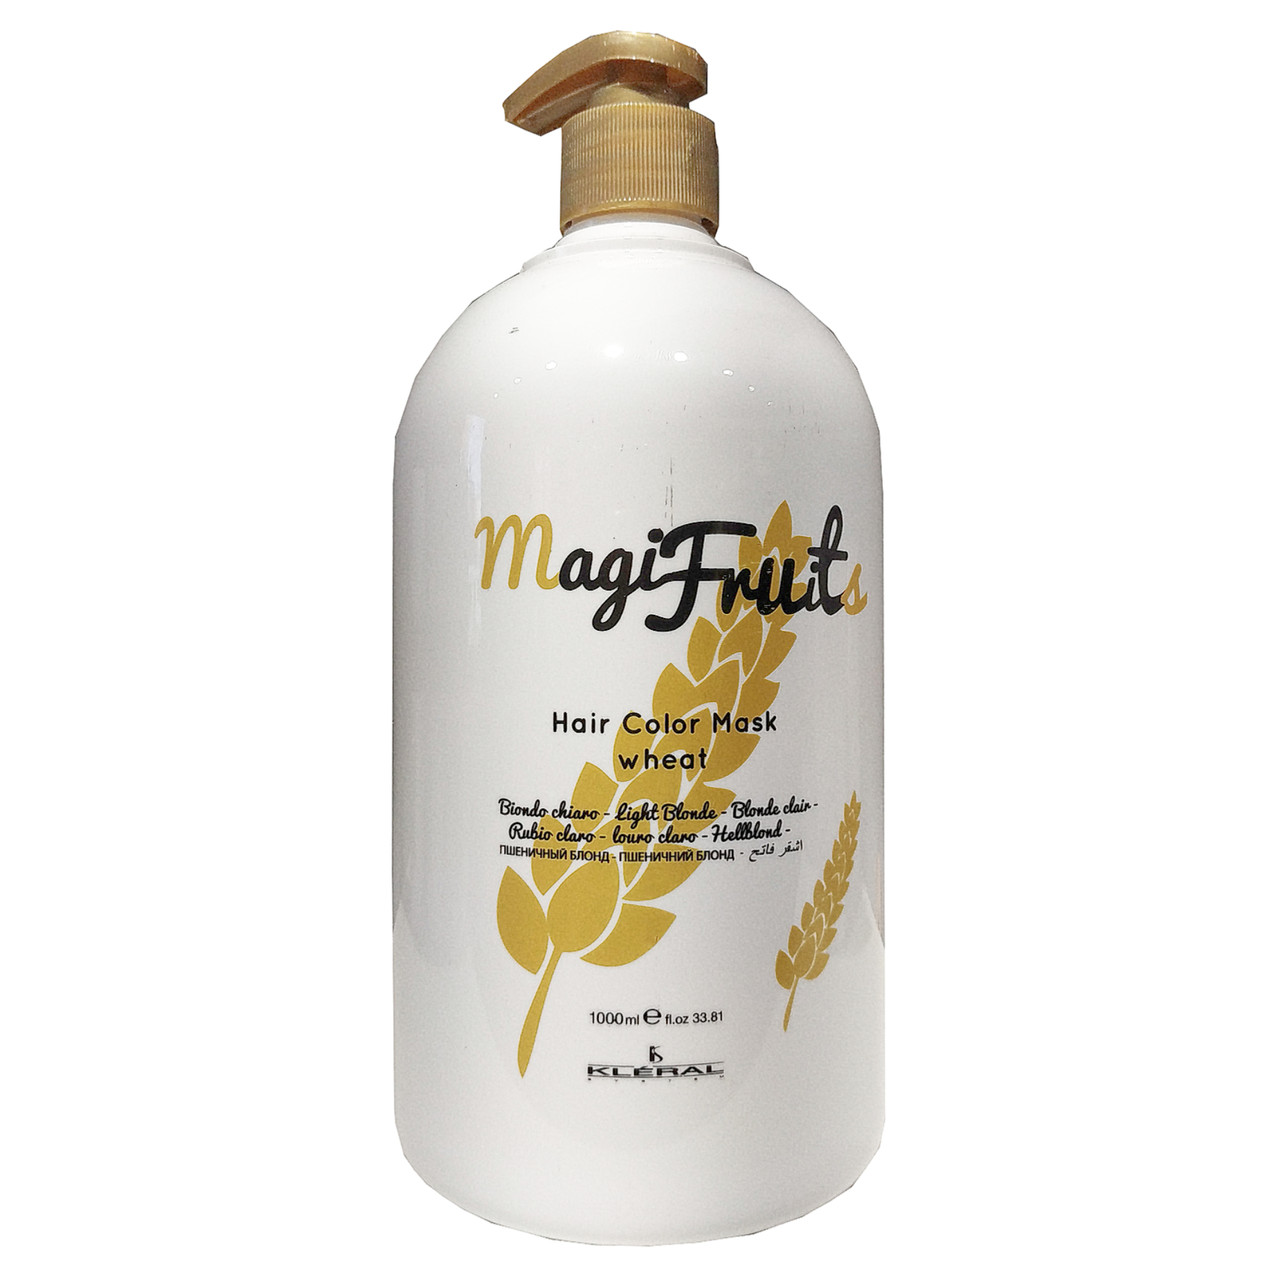 Маска с пигментом Пшеничный блонд с протеинами пшенички  KLERAL Magifruit Color mask wheat 1000 мл